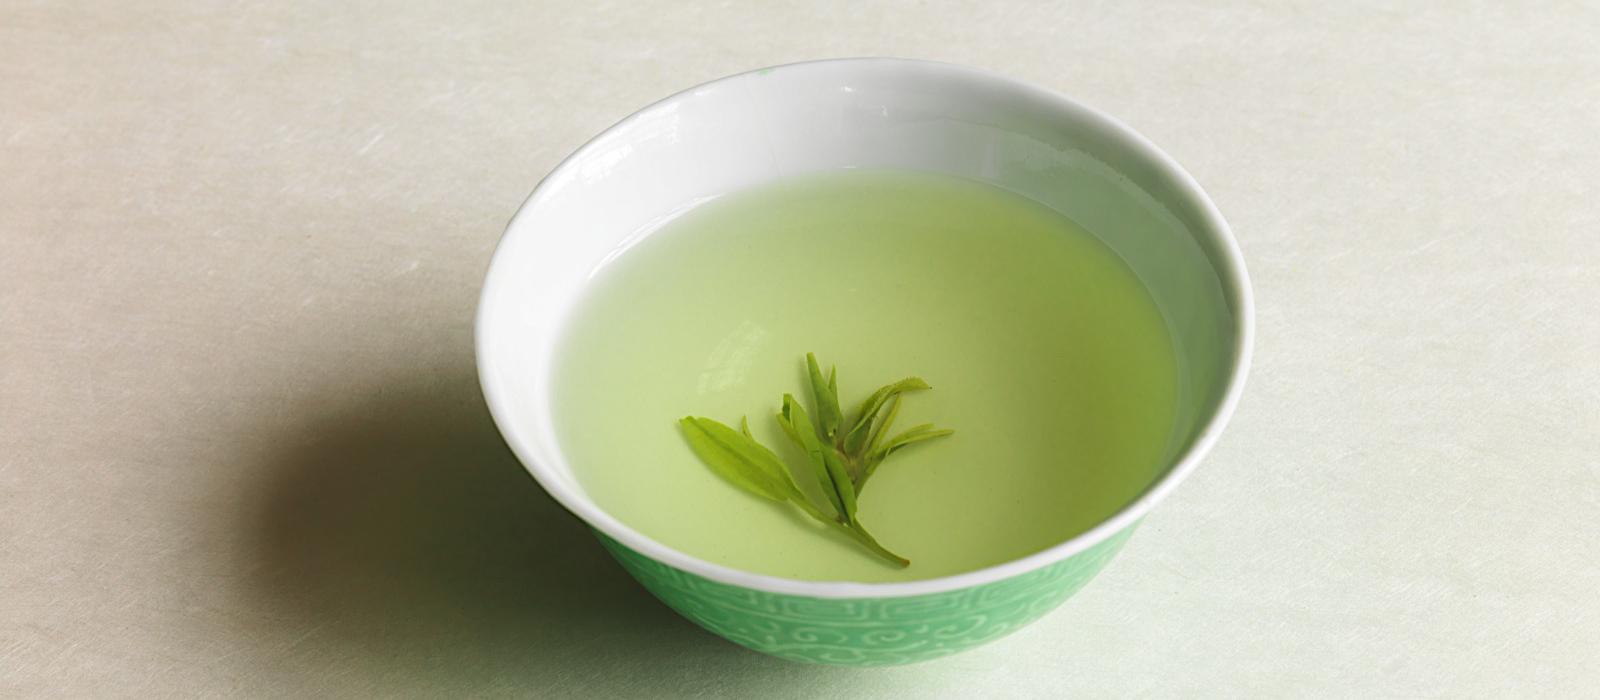 Какие травы можно пить вместо чая каждый день?